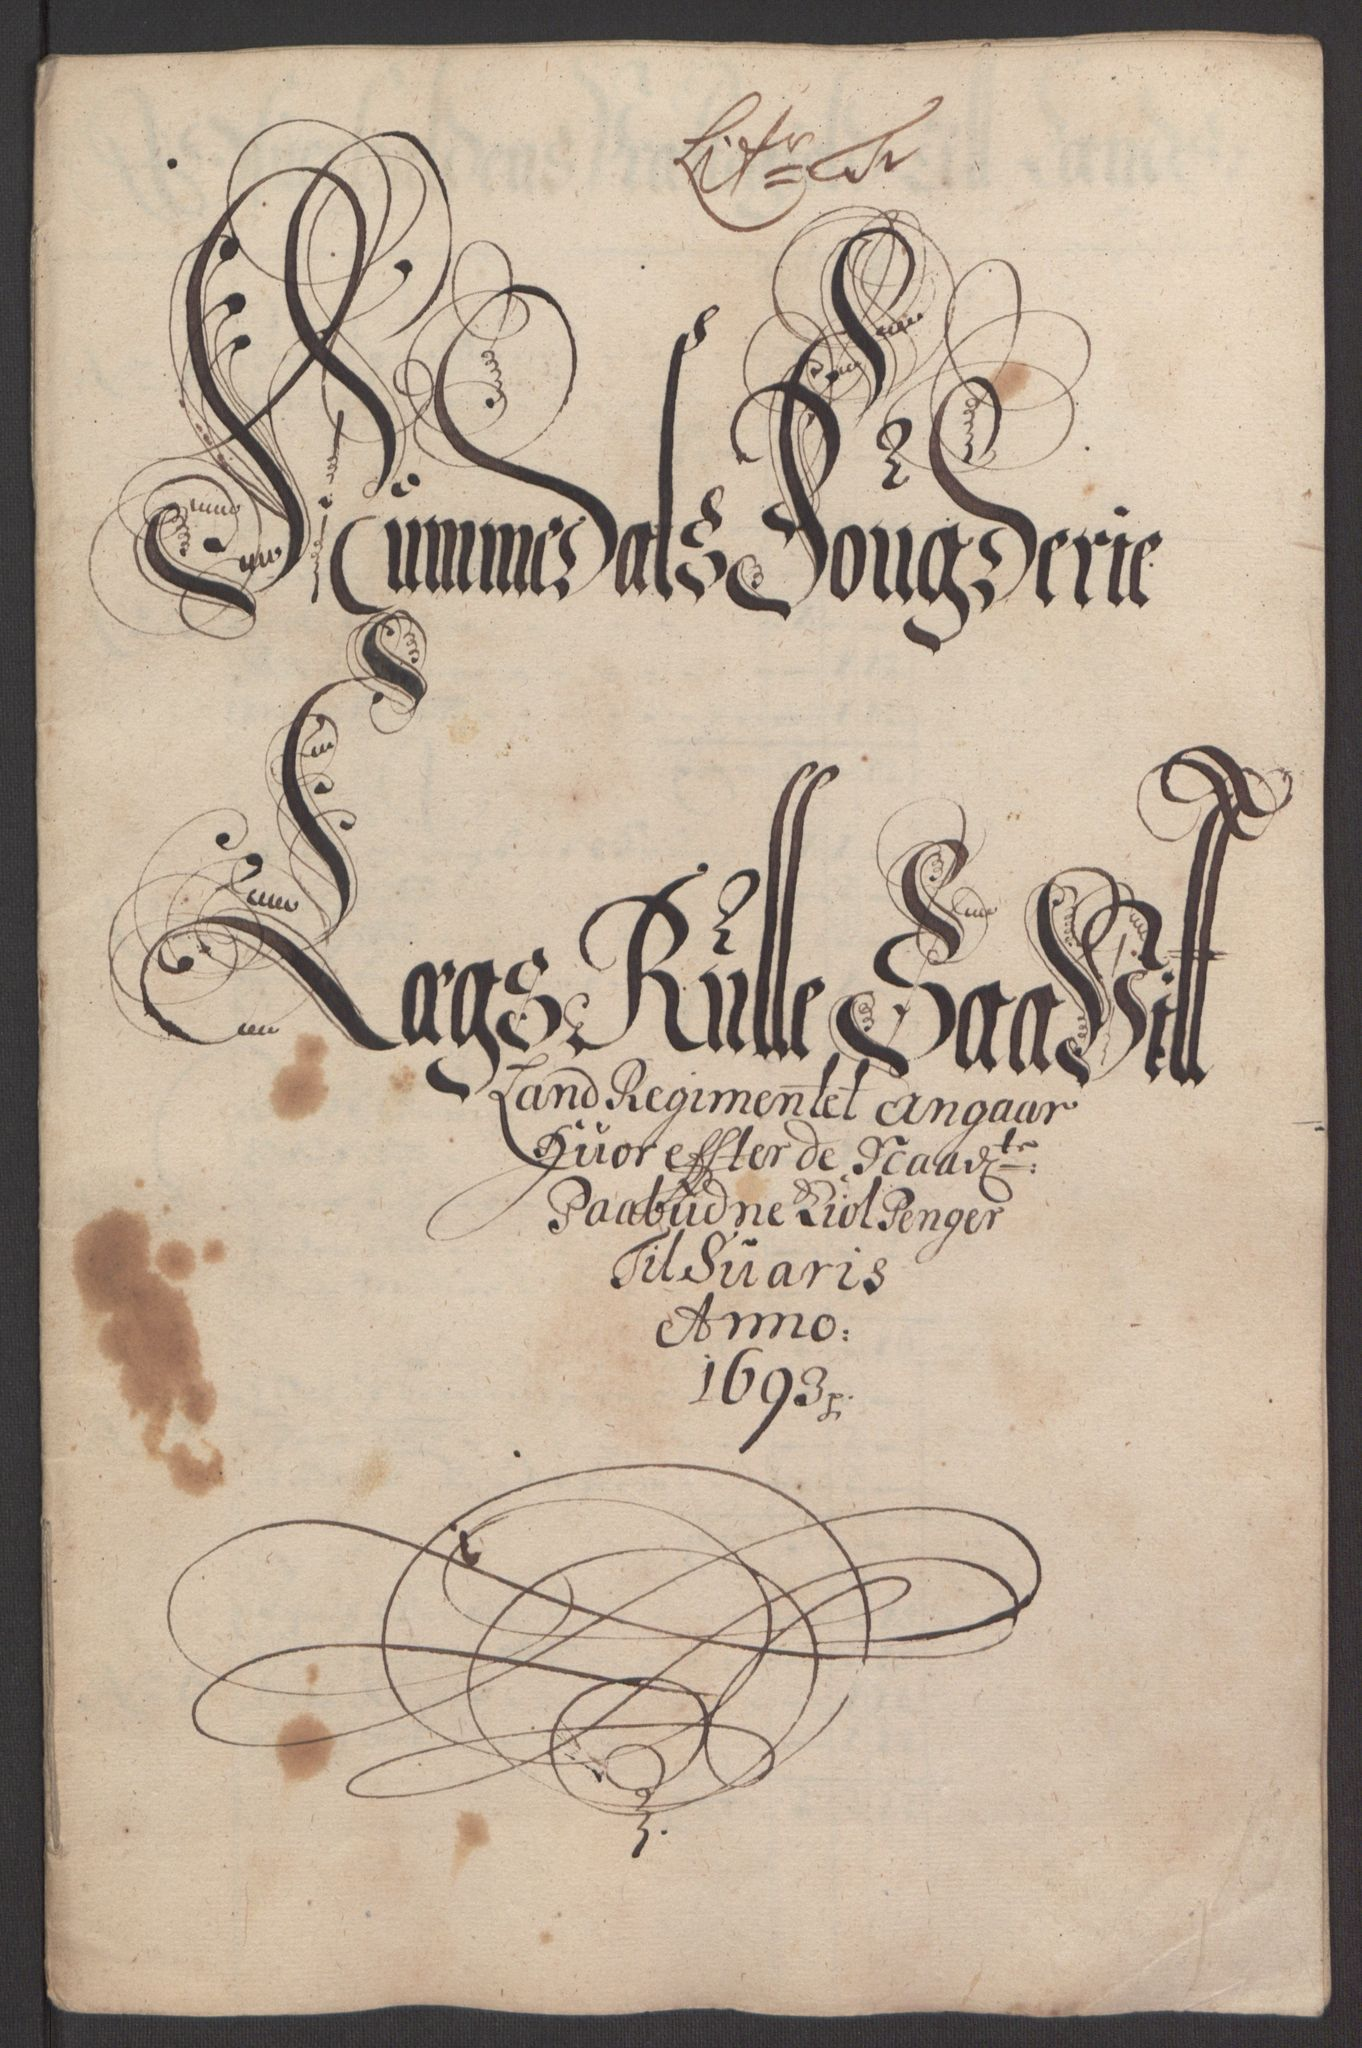 RA, Rentekammeret inntil 1814, Reviderte regnskaper, Fogderegnskap, R64/L4424: Fogderegnskap Namdal, 1692-1695, s. 260